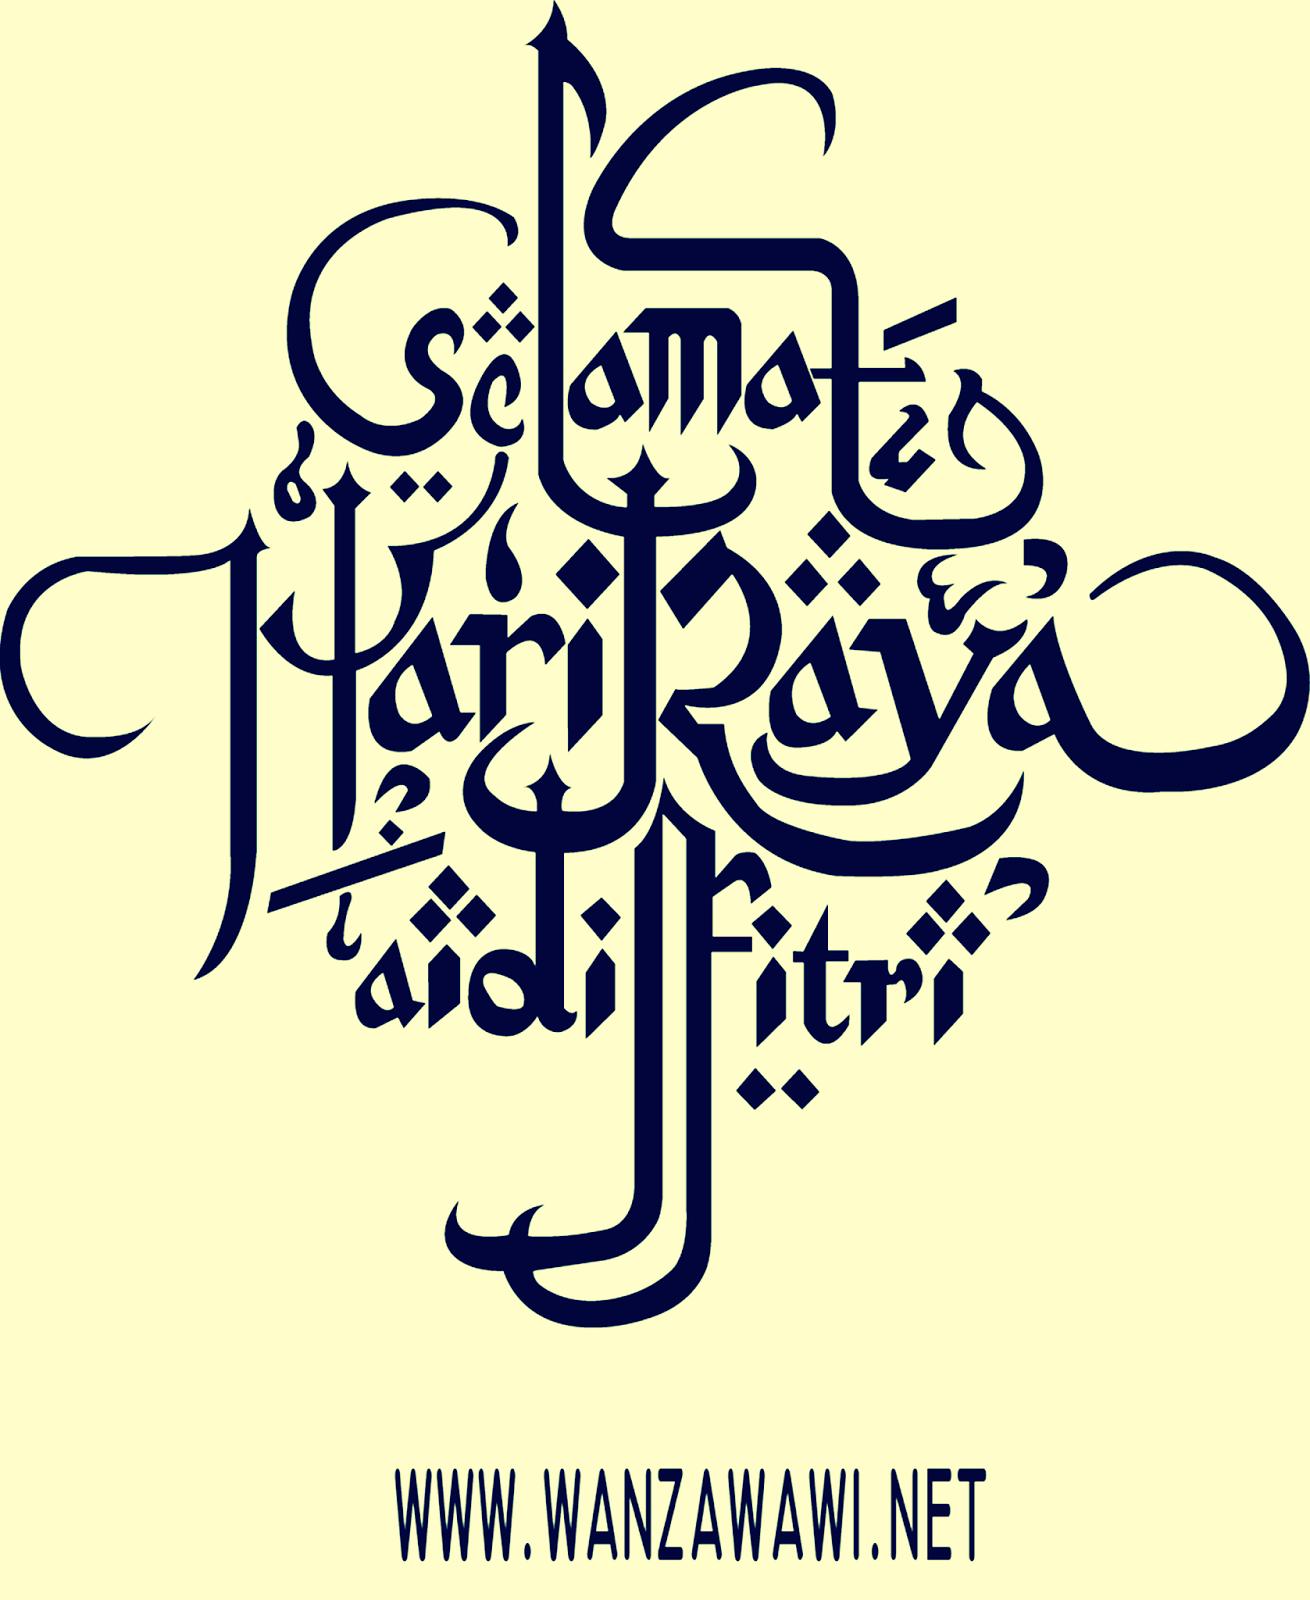 salam aidilfitri 1438 hijrah 2017